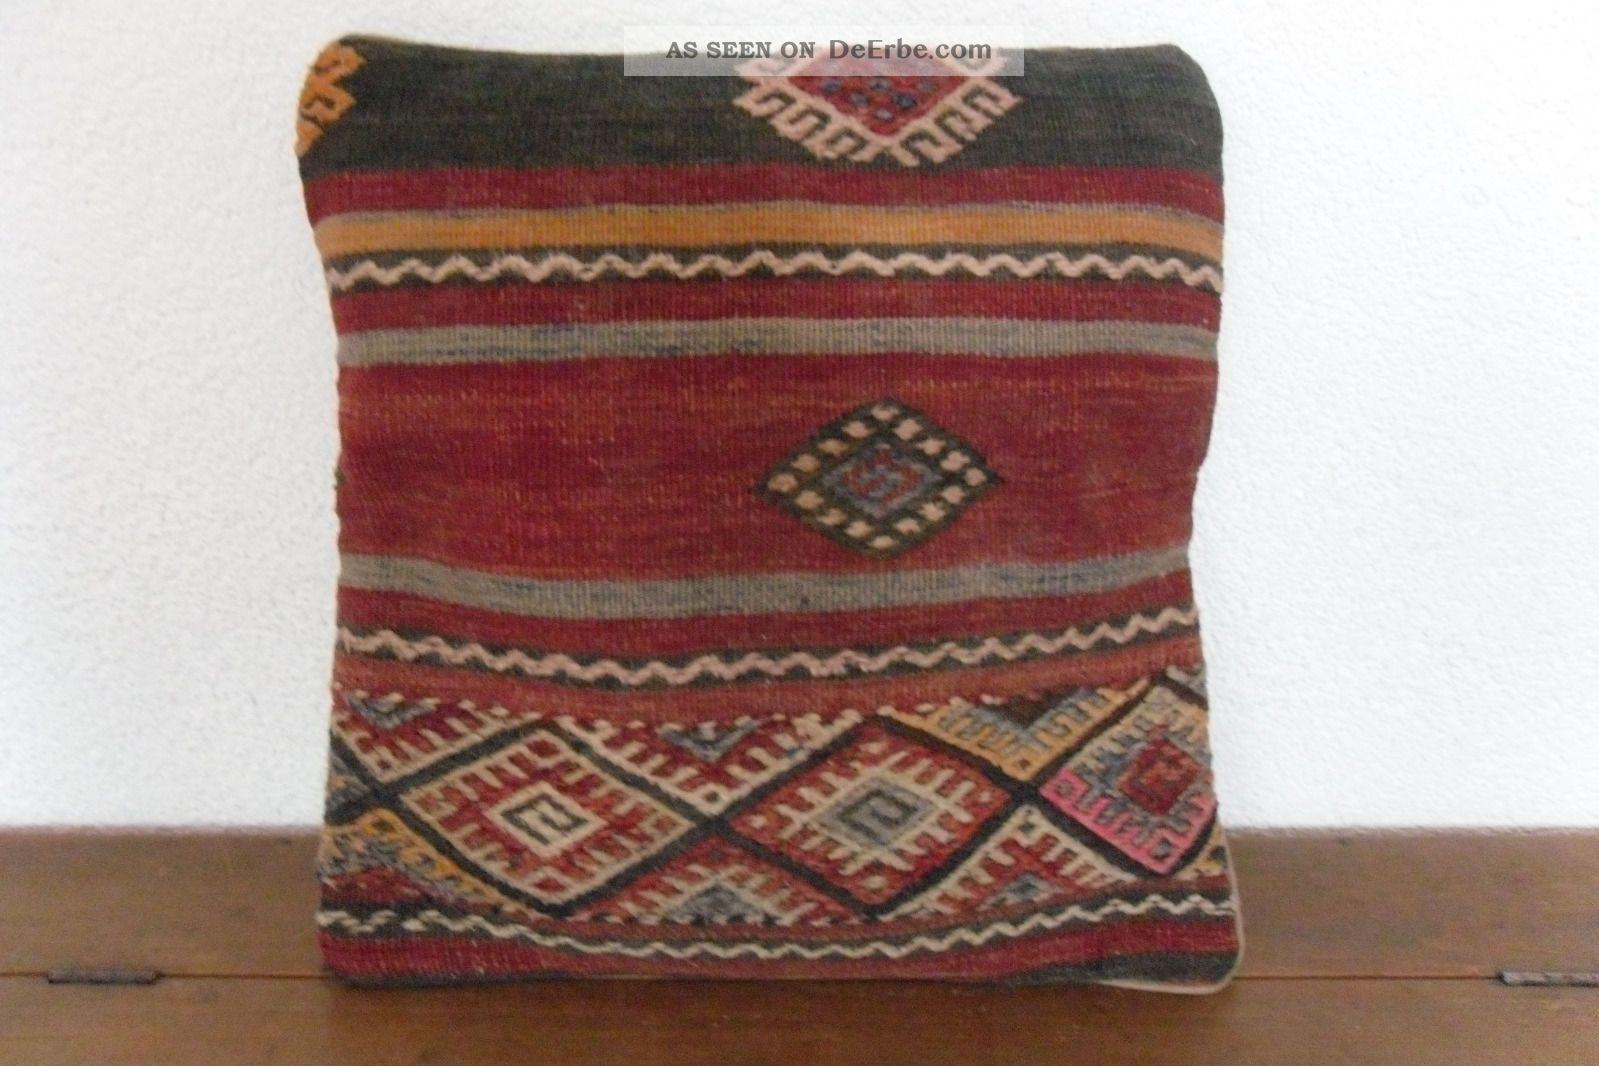 Asiatische Kissen teppiche flachgewebe asiatische teppiche antiquitäten